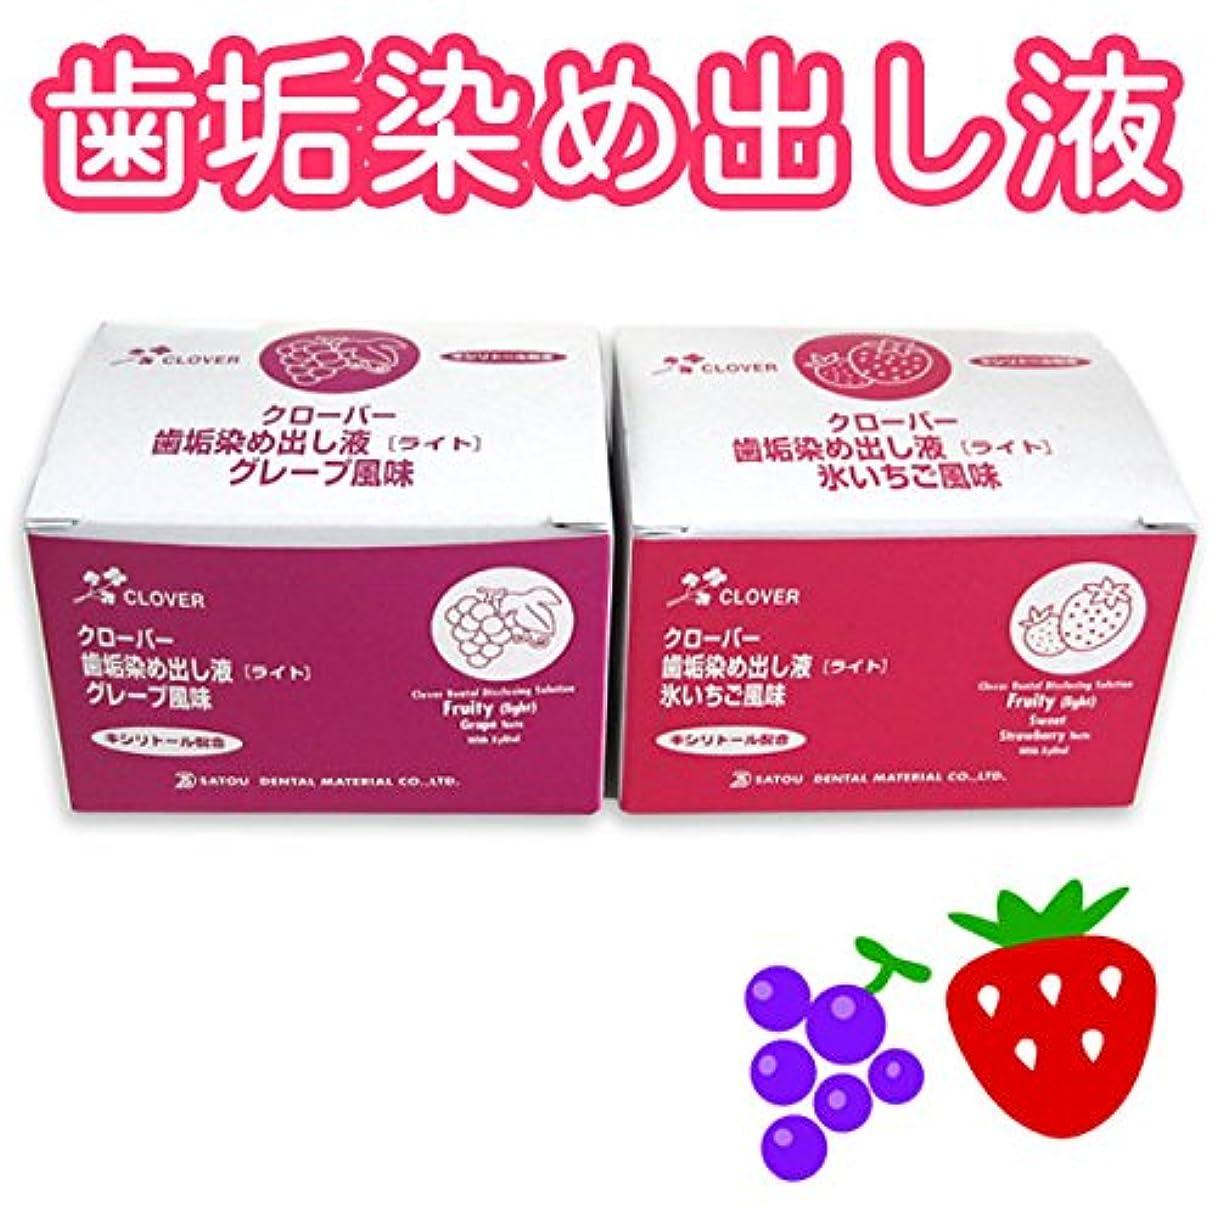 12個入 クローバー 歯垢染め出し液ライト フルーツの香り 5ml (氷いちご)